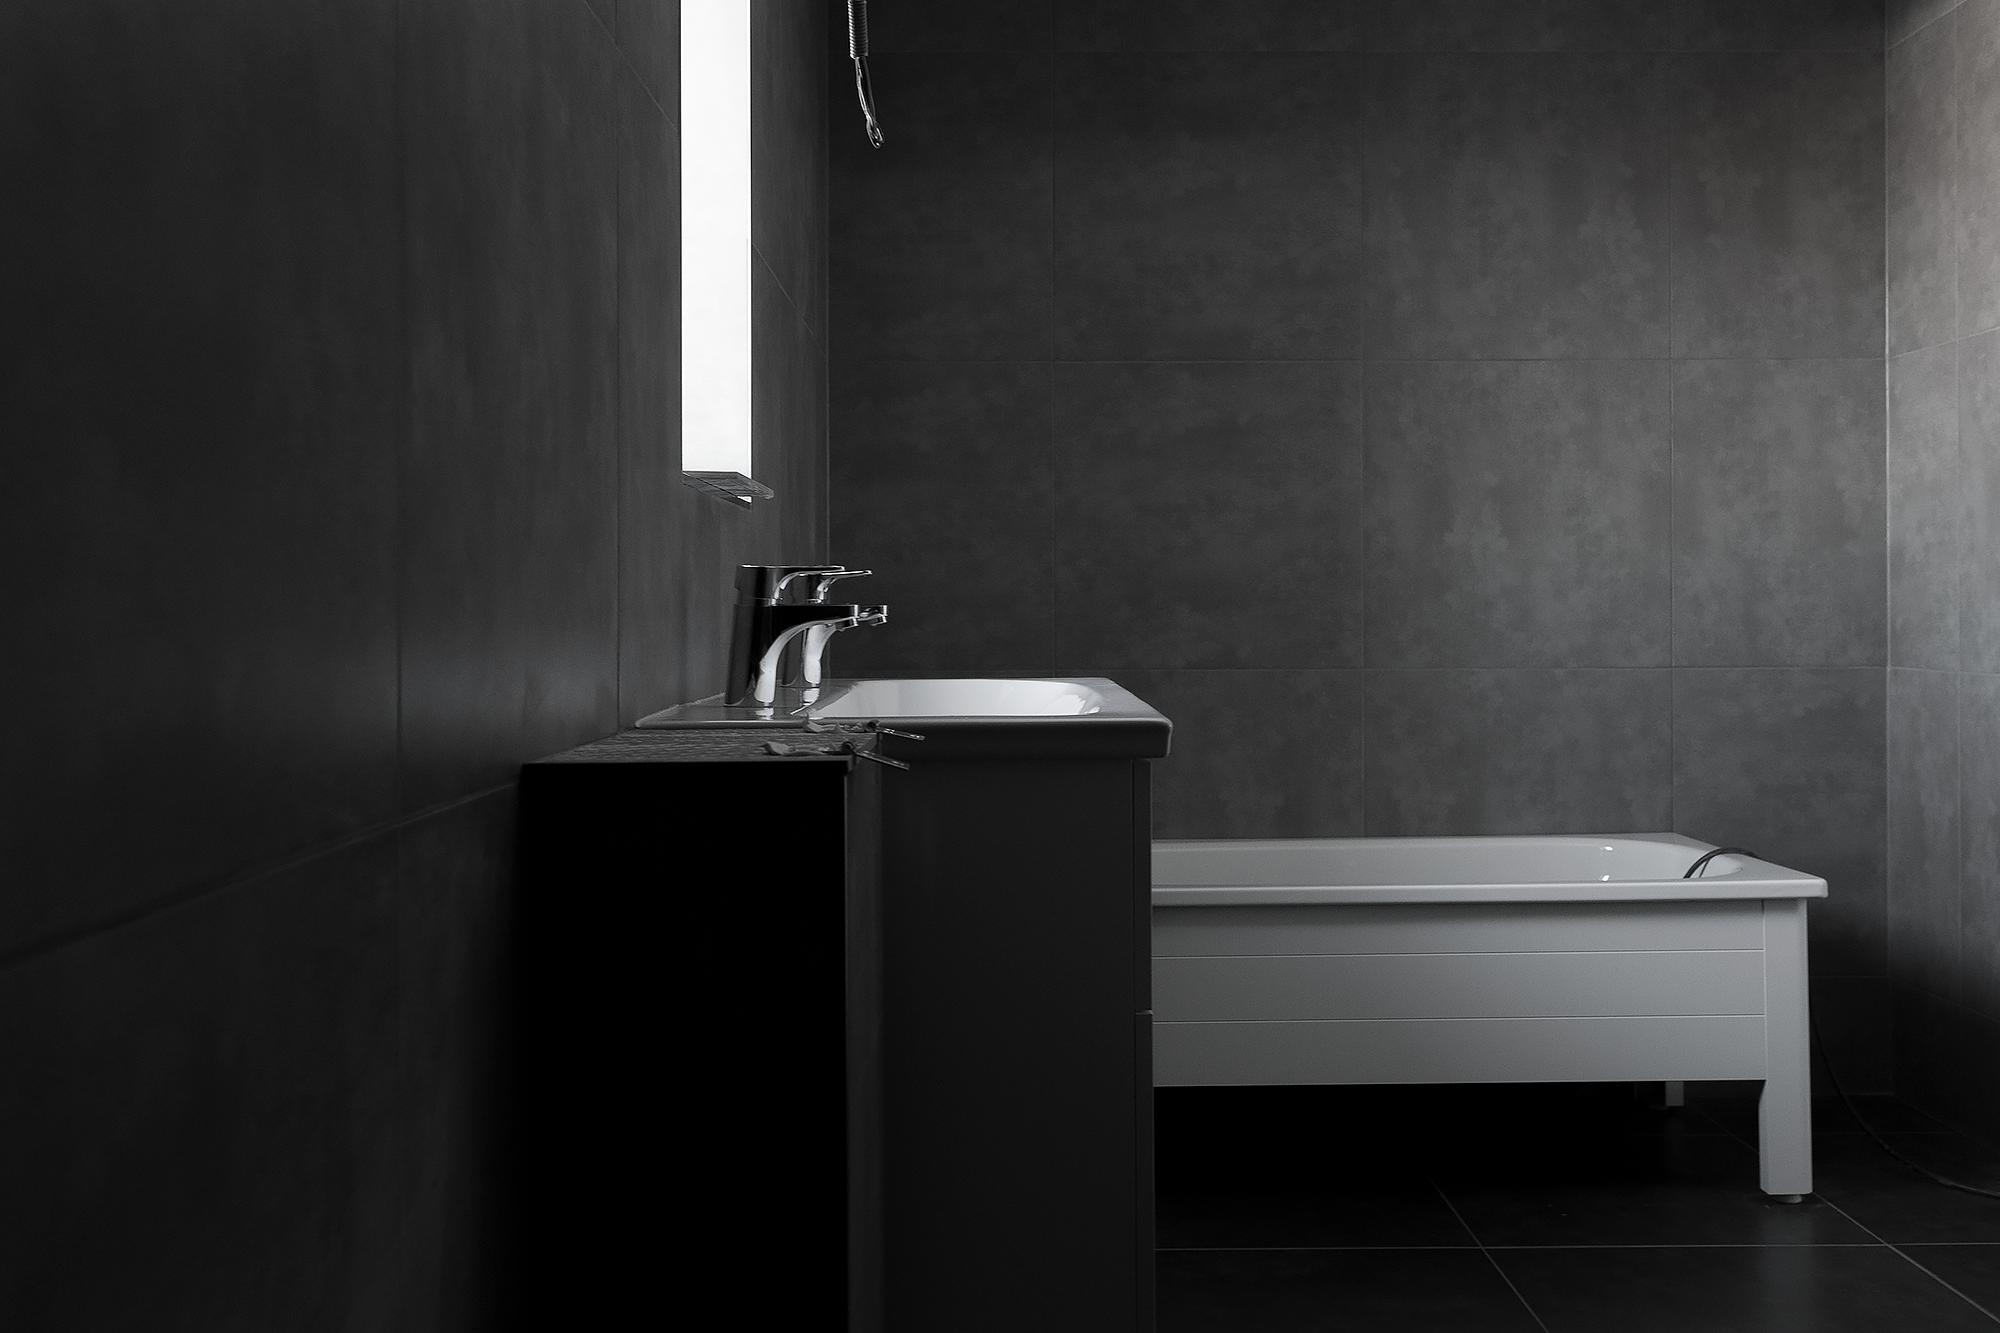 Vägghängt dubbelhandfat med kommod  (Gustavsberg Artic 100).  Badkaret en klassiker i emaljerad stålplåt med halvfront av estetiska så väl som praktiska skäl  (Gustavsberg Standard) . Klinkern är från Konradssons Kakel (sponsor) och heter Cement 60x60 (grå på väggar och svart på golv).